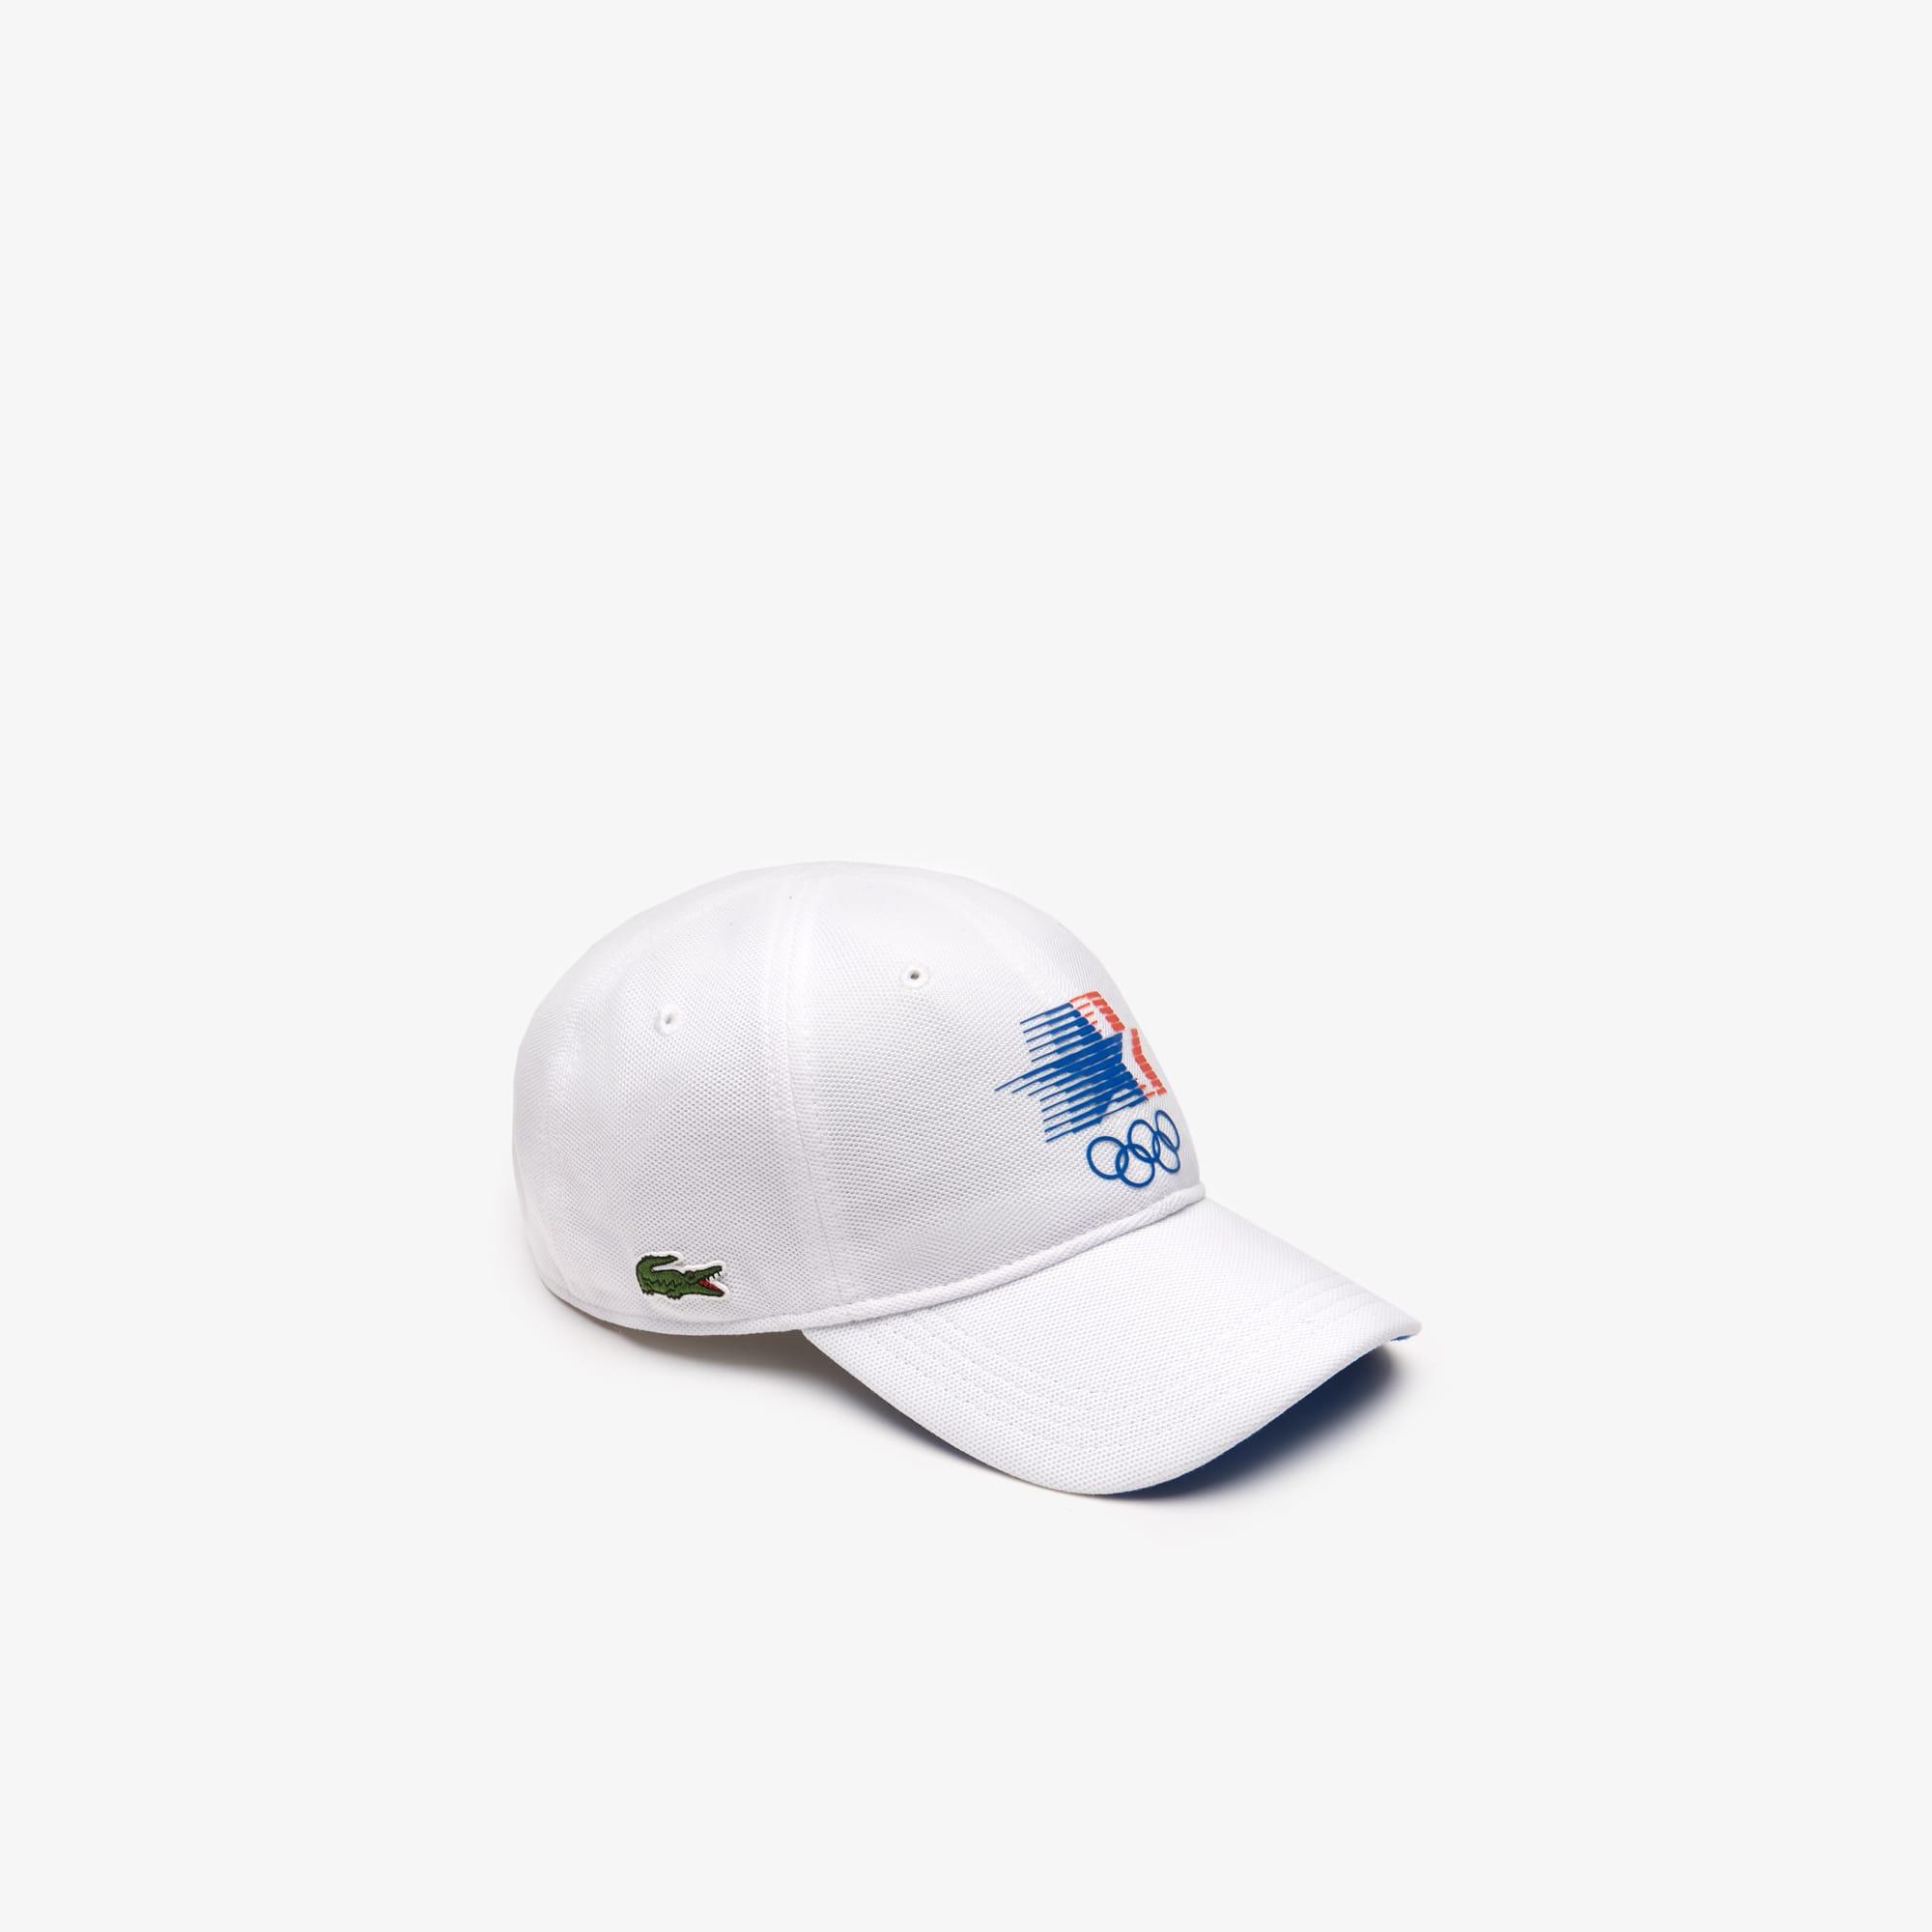 750d970299 Polos, Kleidung und Lederwaren Online | LACOSTE